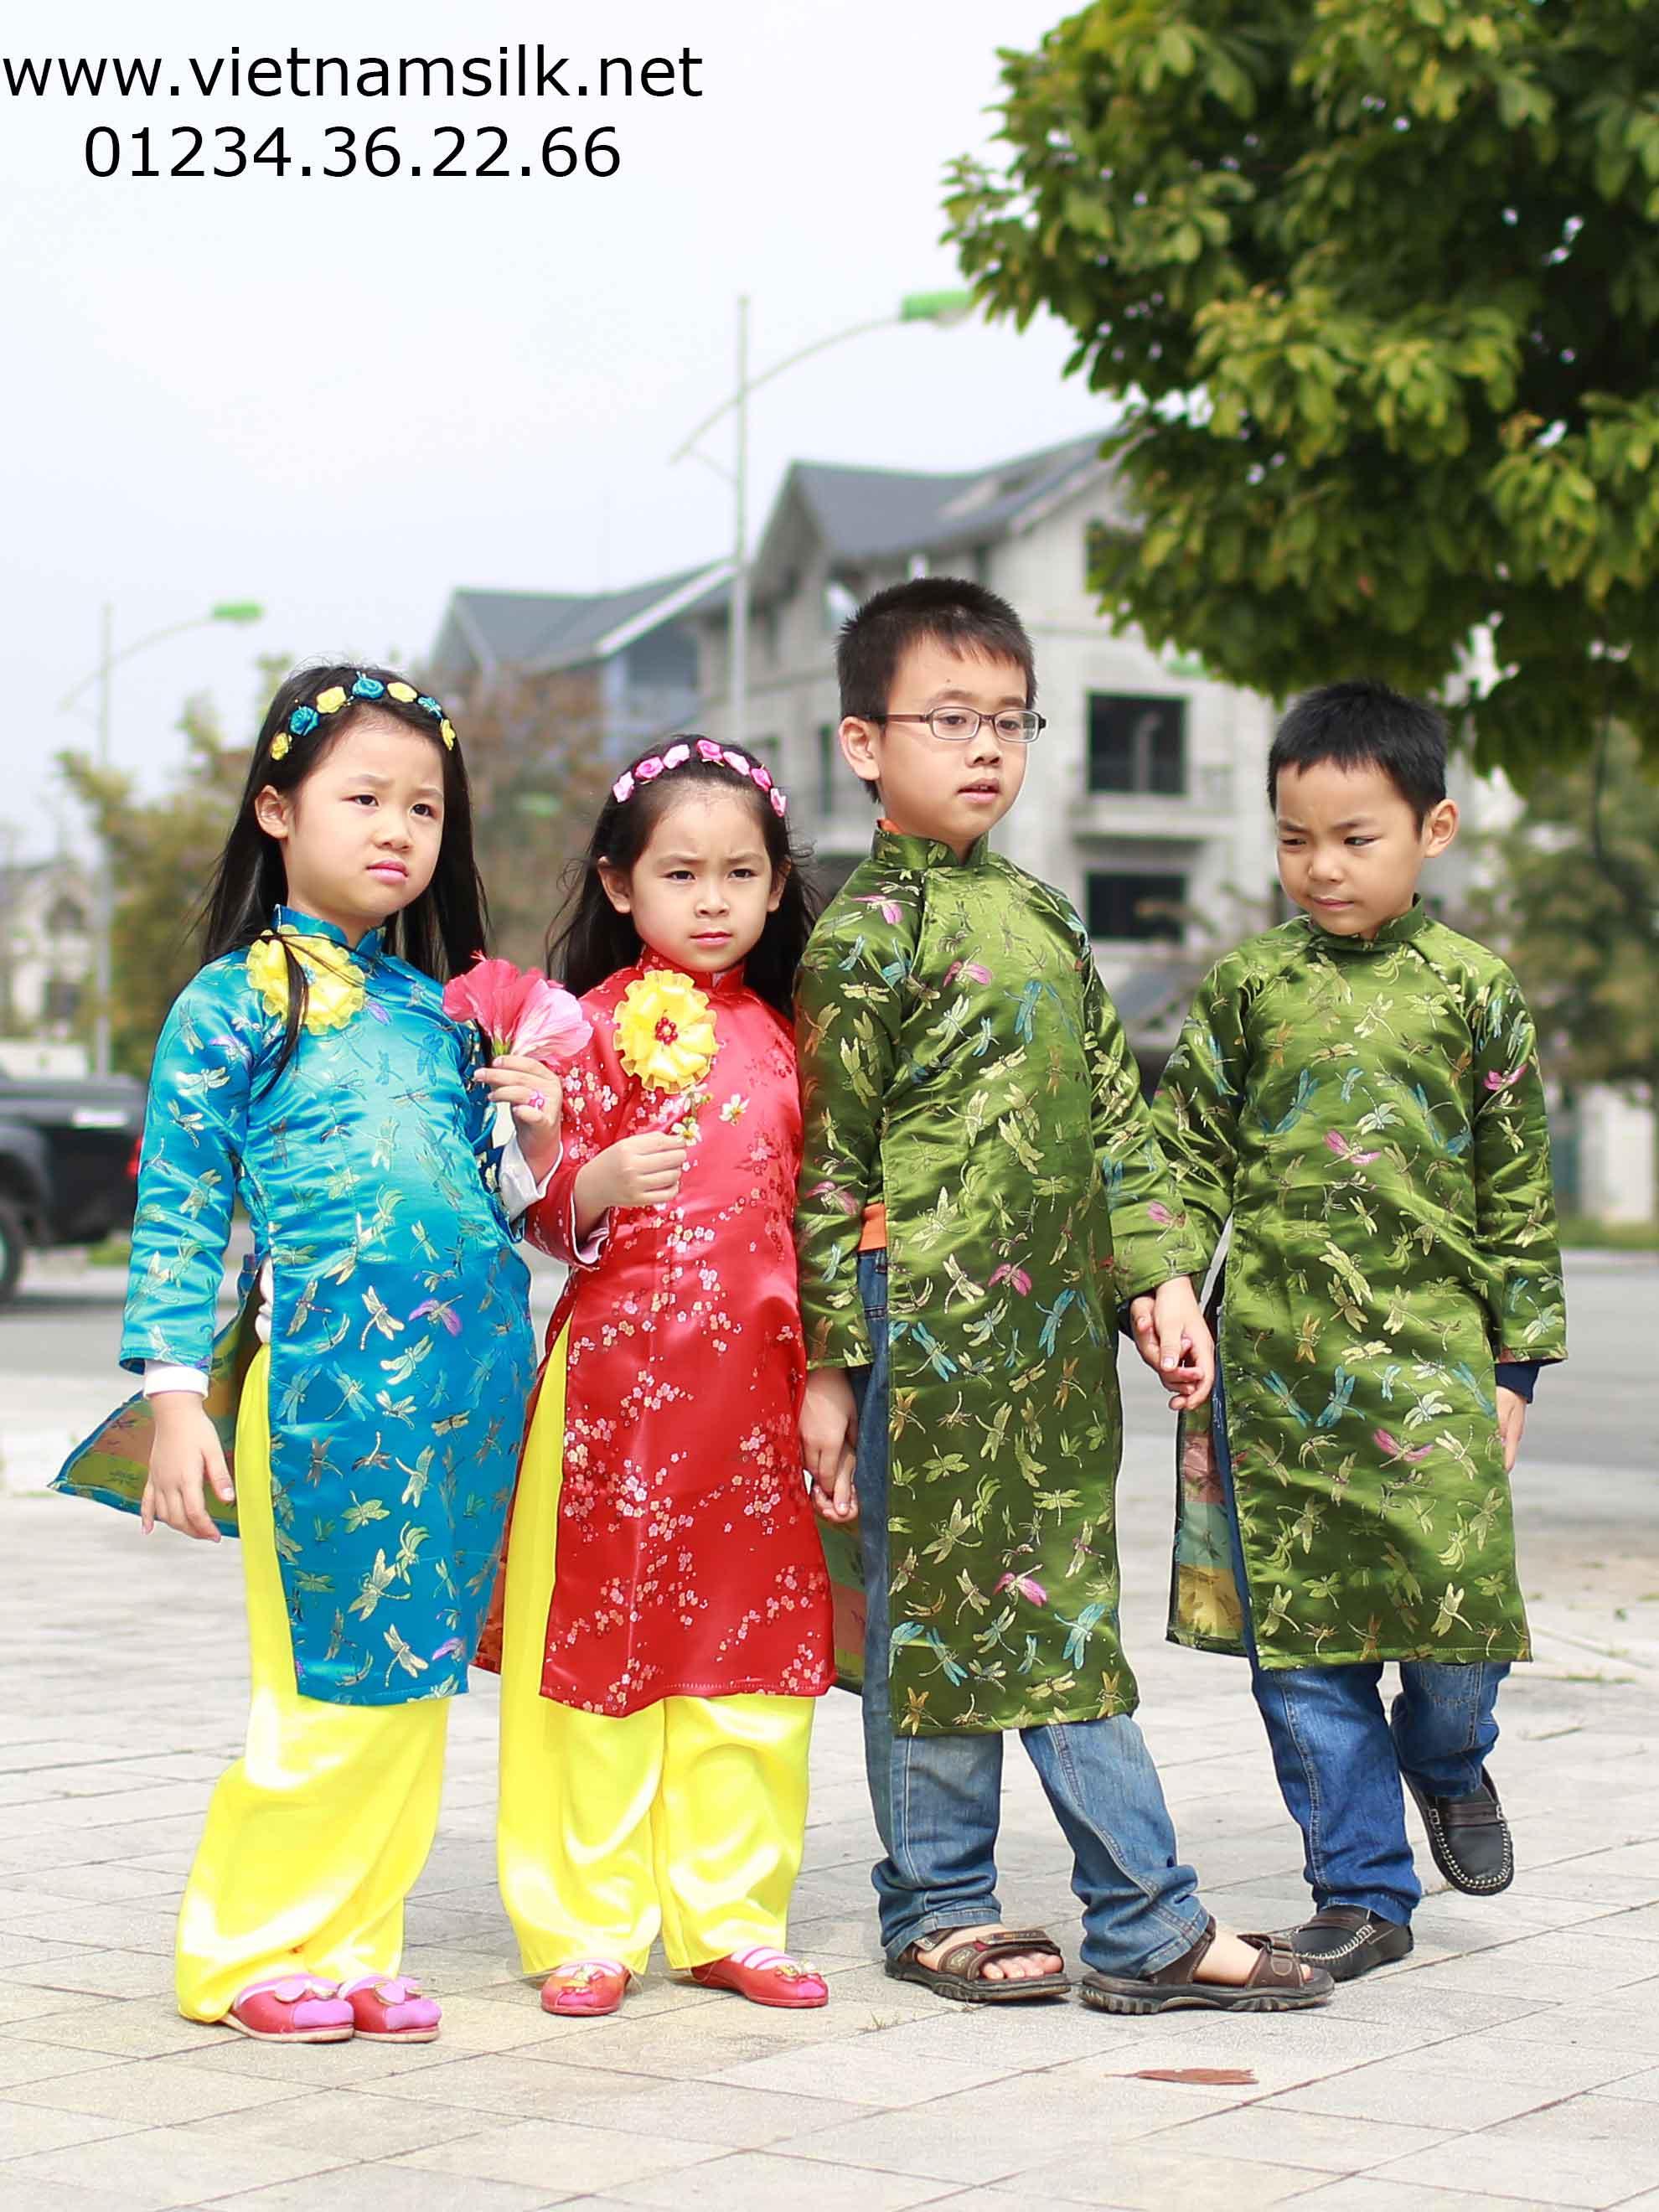 Gấm Thượng Hải cho trẻ em đẹp và rẻ nhất Hà Nội